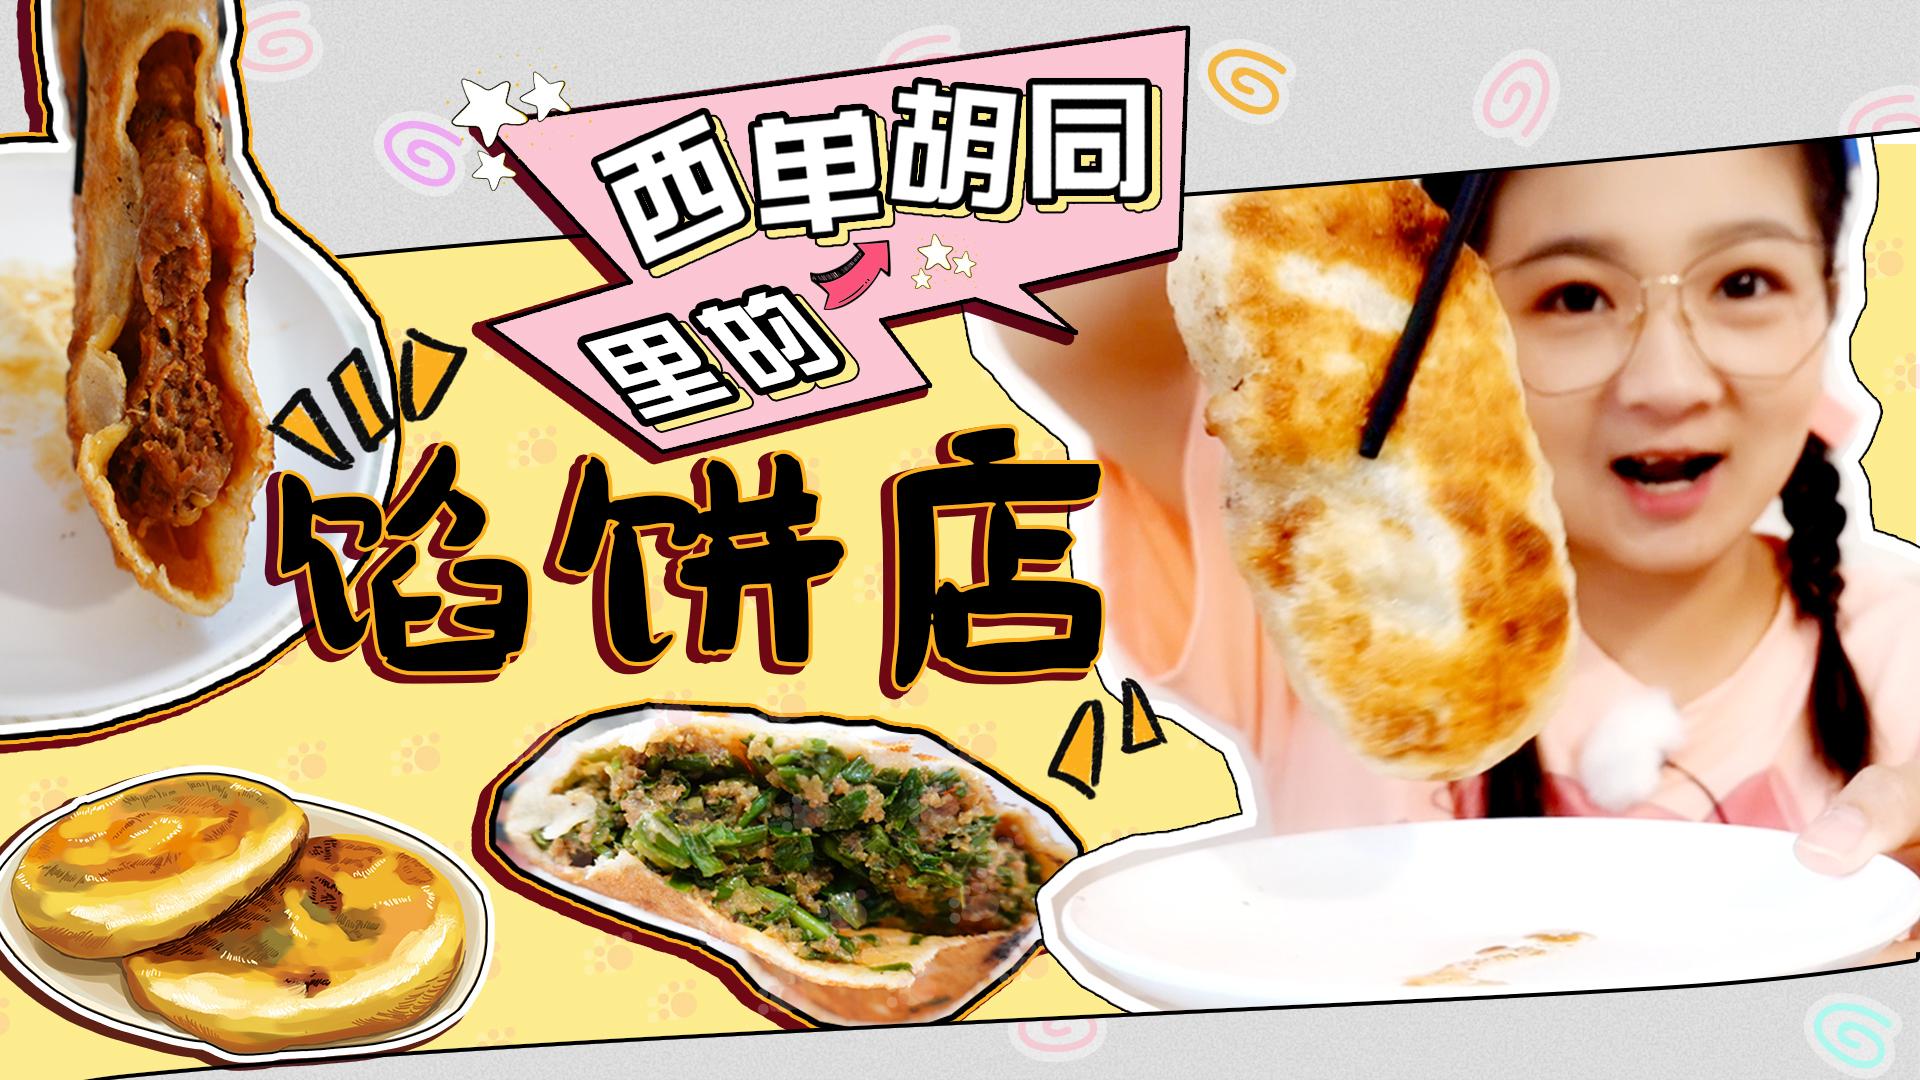 【逛吃北京】西单胡同里的馅饼店,皮薄馅大,吃到最后发现惊喜